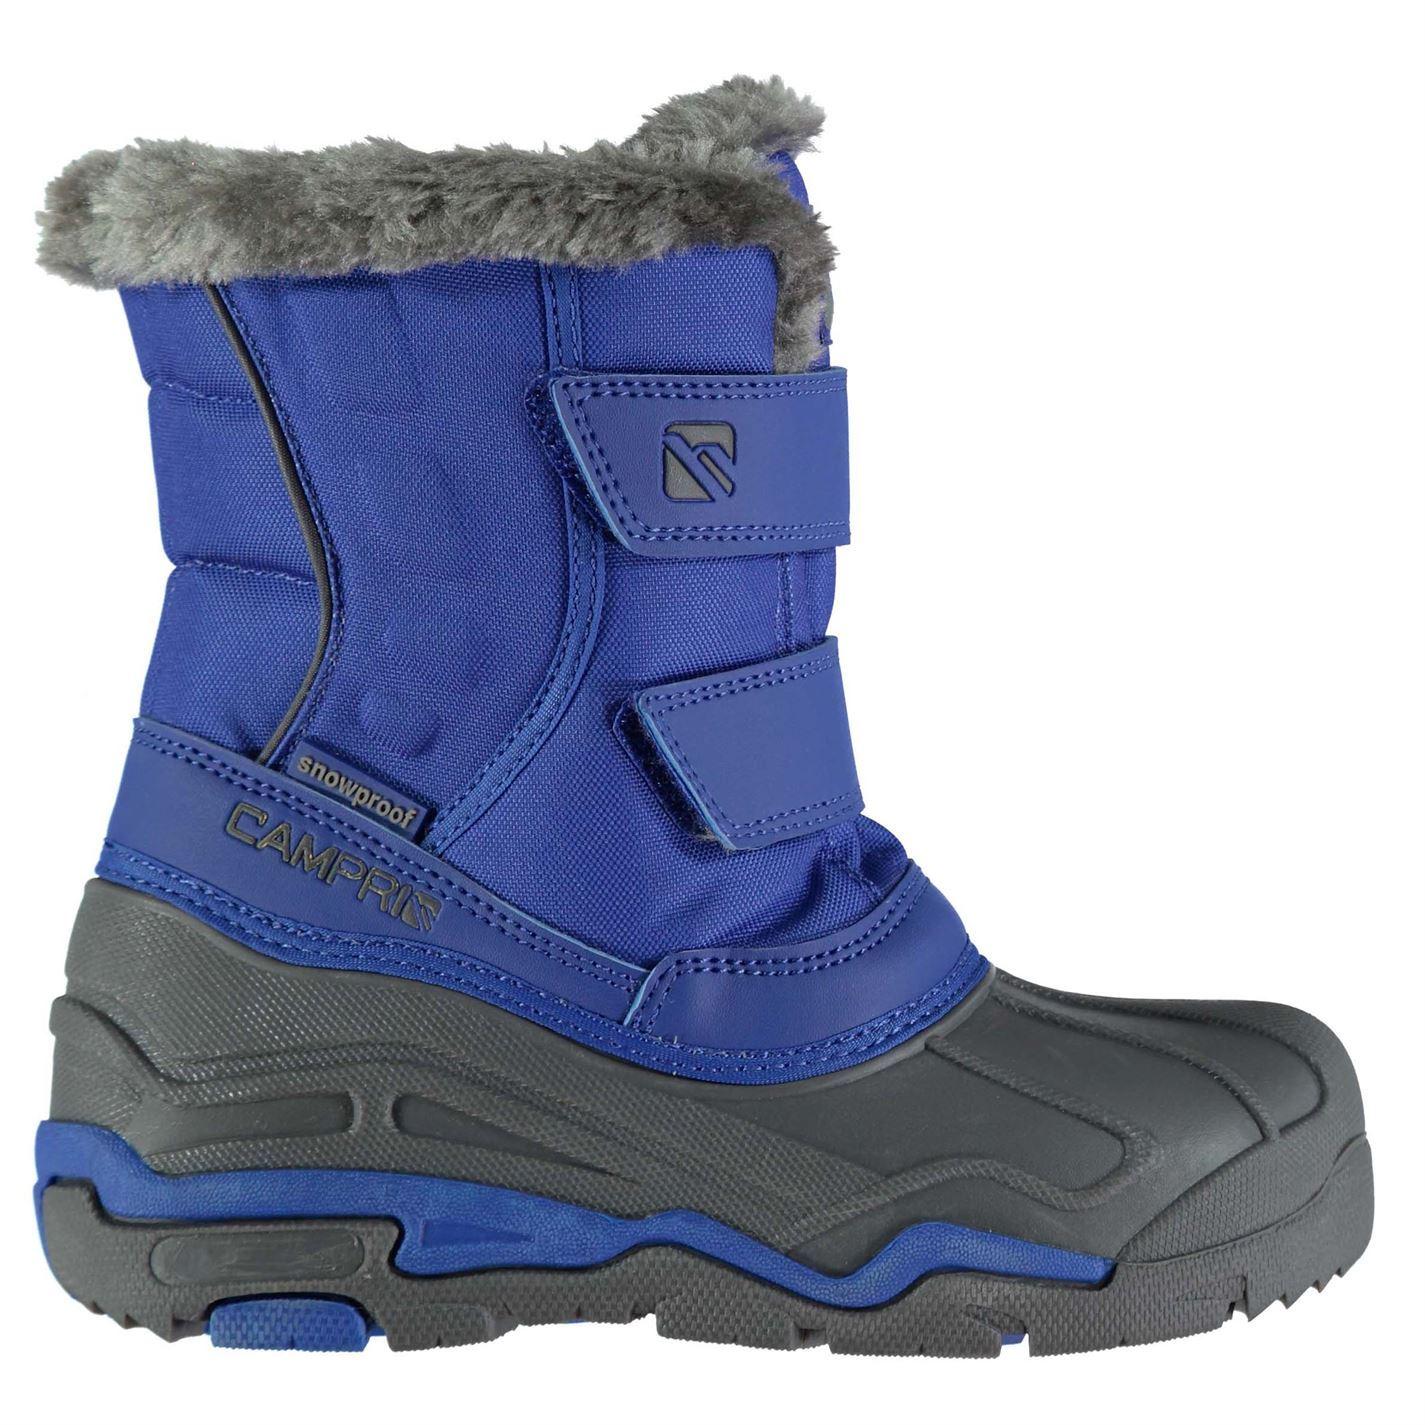 Campri kids snow boots unisex childs waterproof faux fur